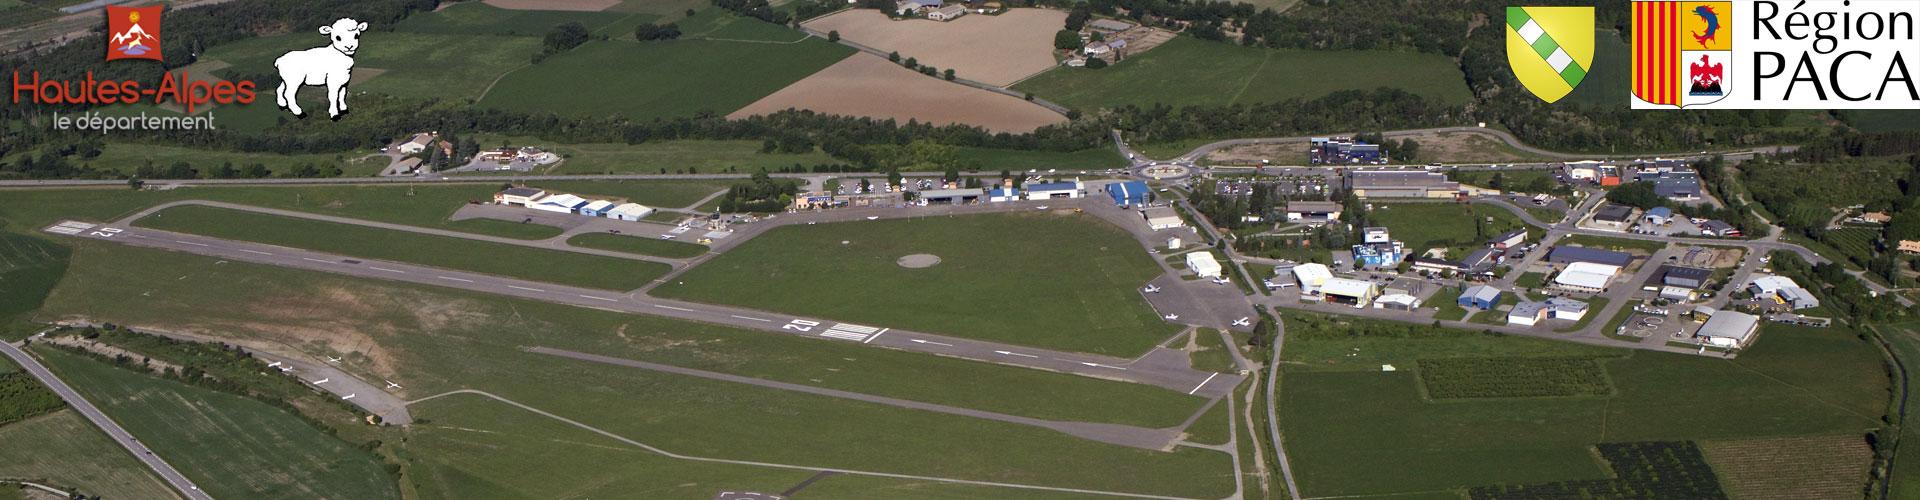 Gap Tallard vista aérea aeródromo